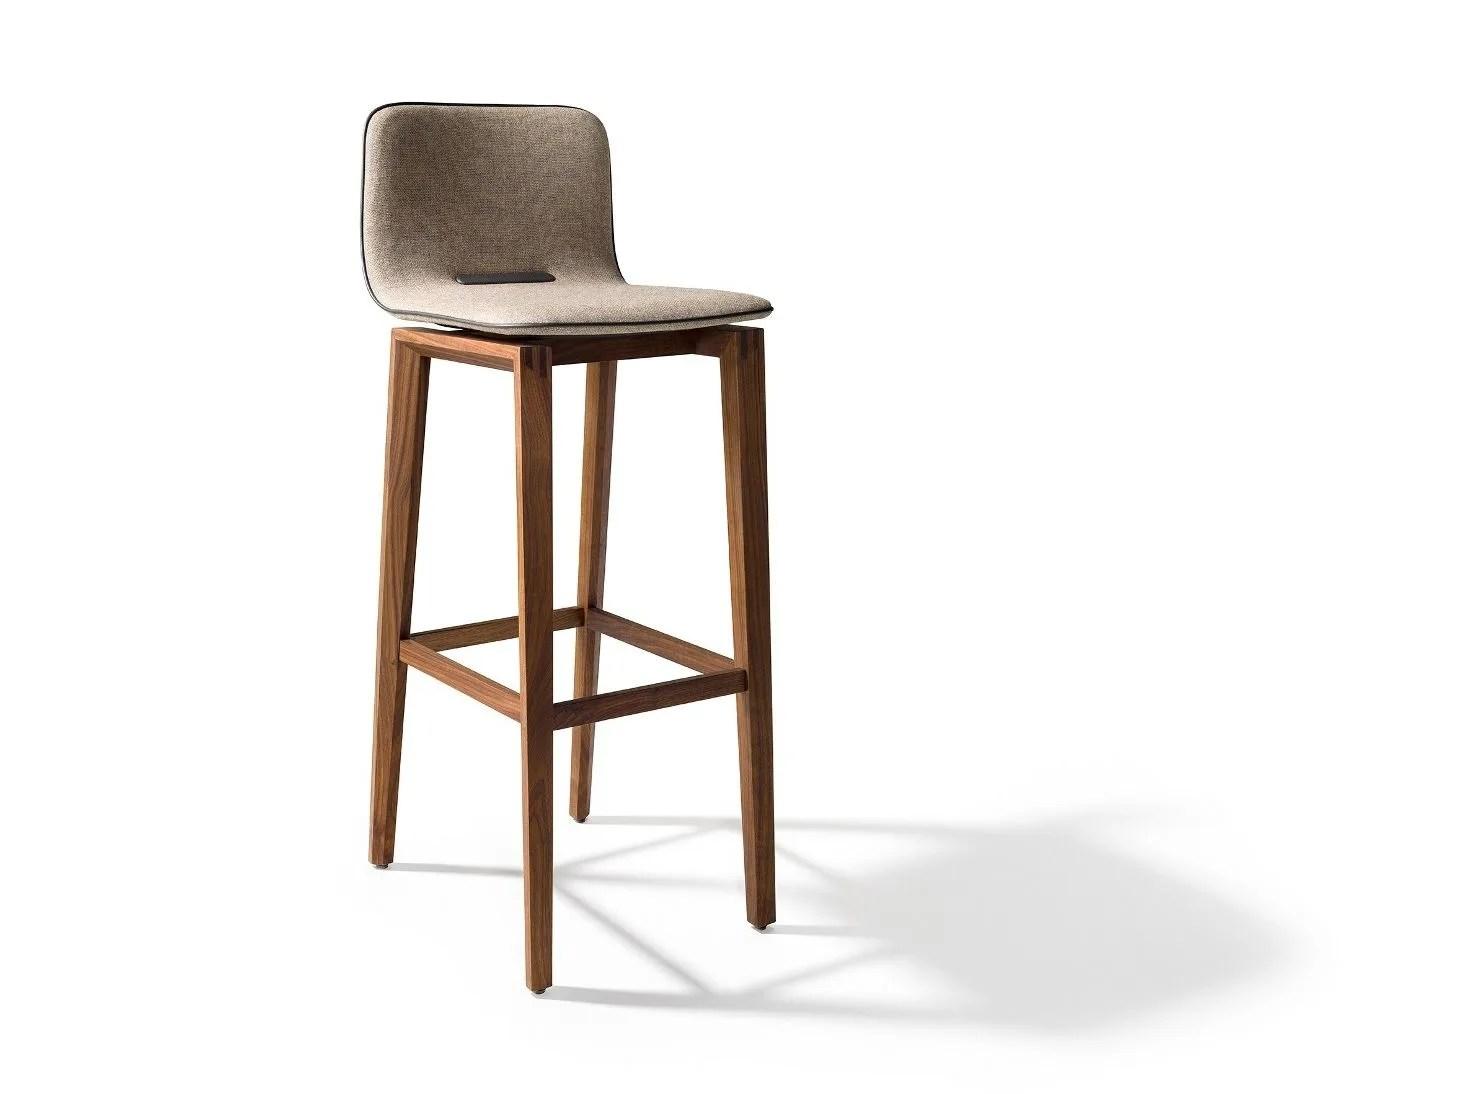 Superba sedie bar ikea l arredamento e la decorazione idee con